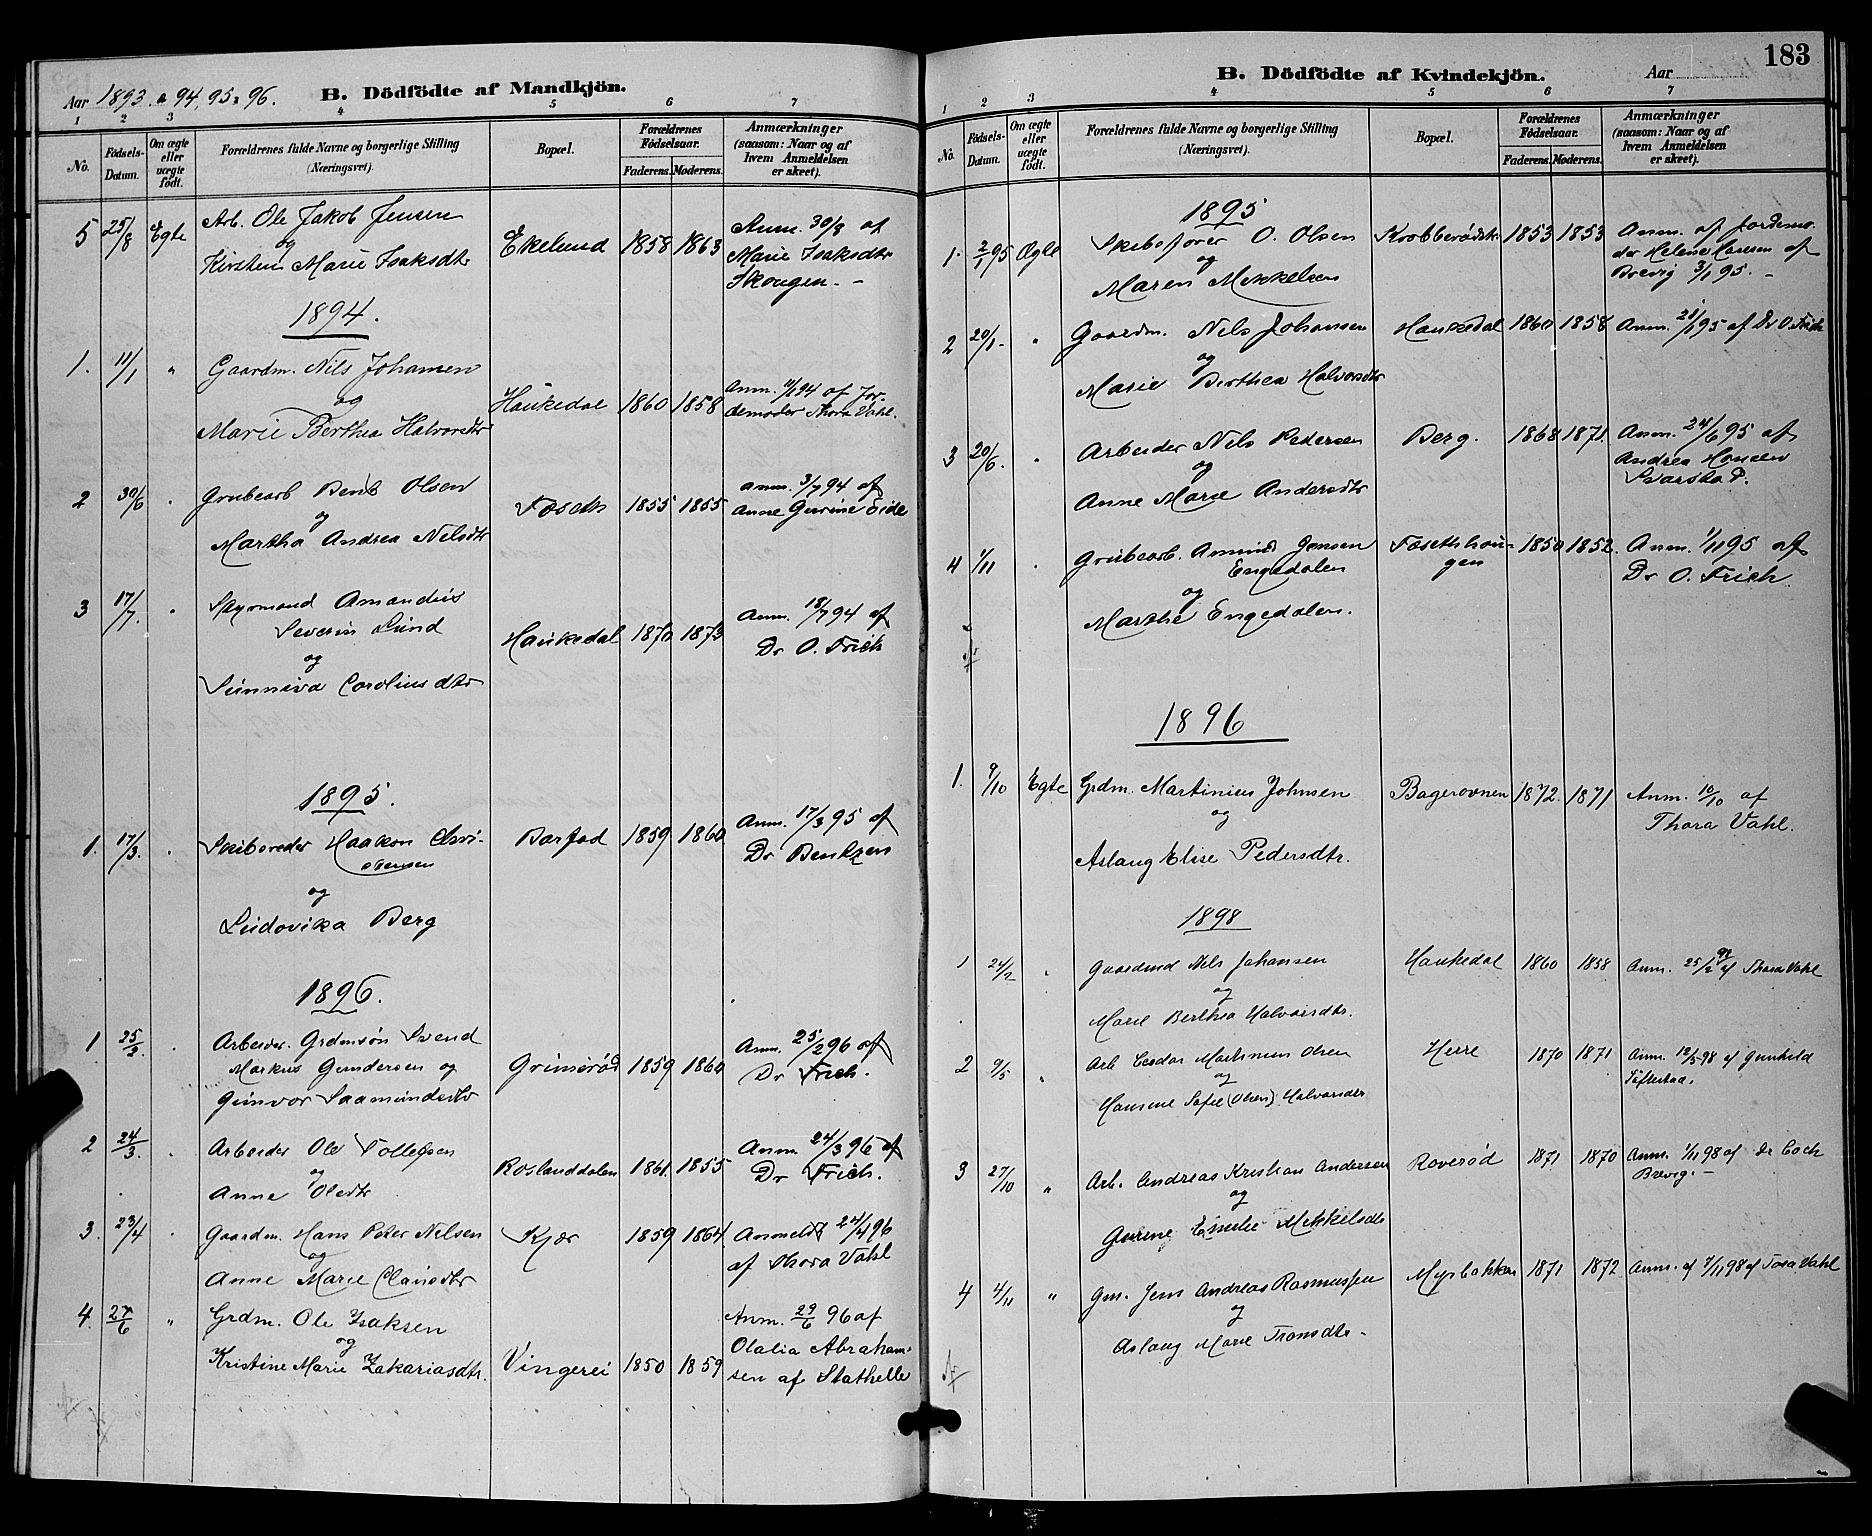 SAKO, Bamble kirkebøker, G/Ga/L0009: Klokkerbok nr. I 9, 1888-1900, s. 183